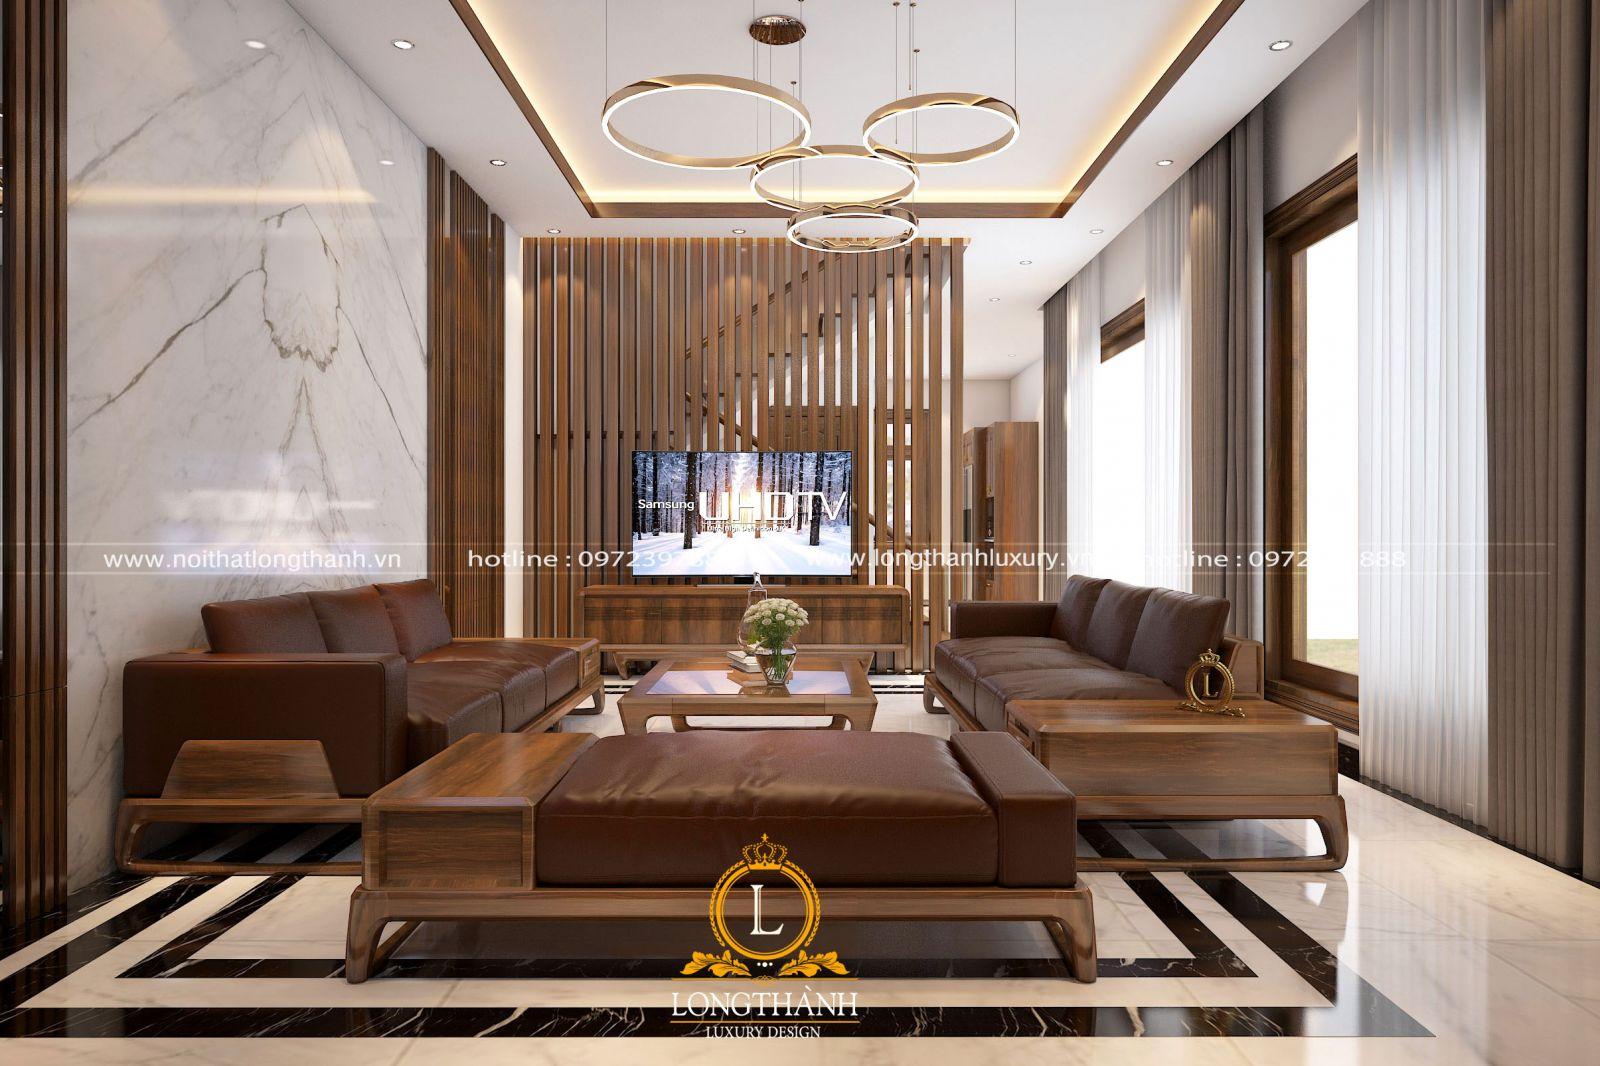 Phòng khách biệt thự với thiết kế hiện đại mang đến sự trẻ trung độc lạ